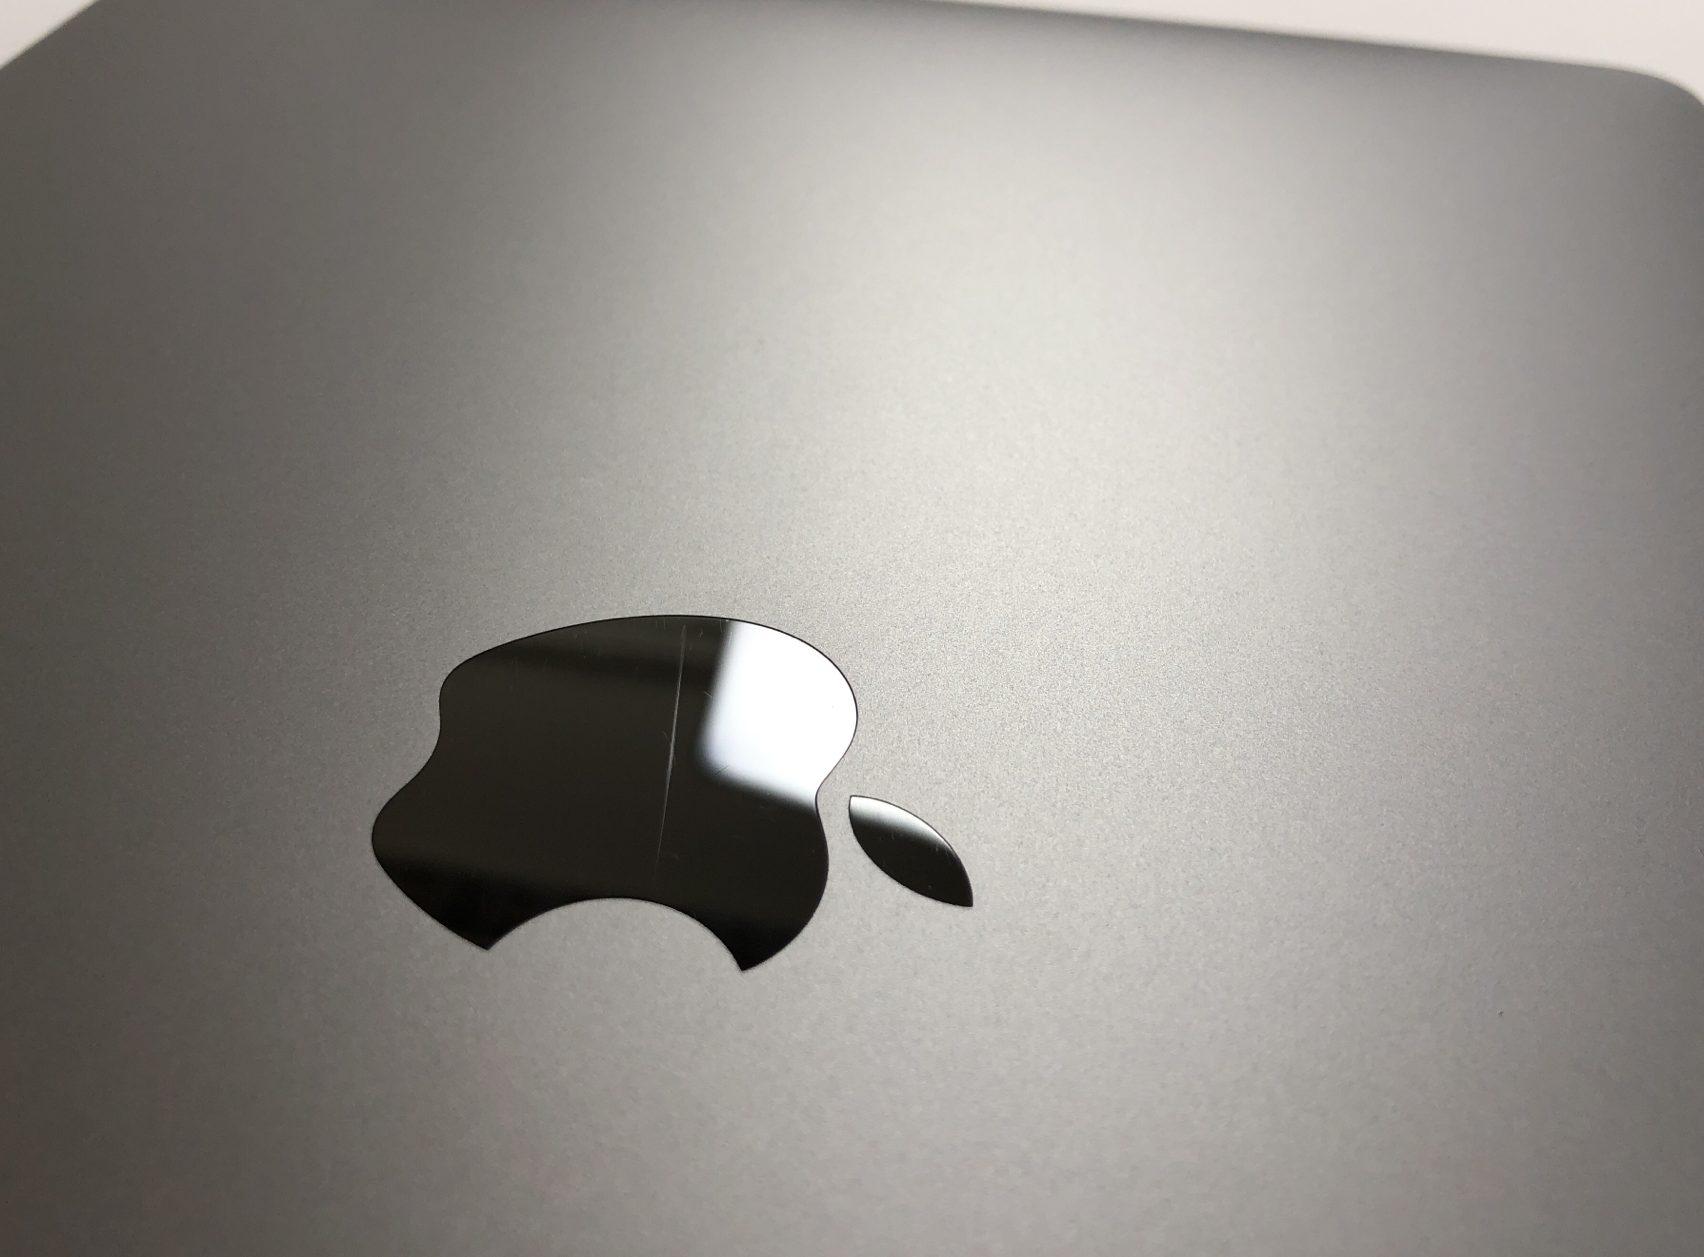 """MacBook Pro 13"""" 4TBT Mid 2017 (Intel Core i5 3.1 GHz 8 GB RAM 256 GB SSD), Space Gray, Intel Core i5 3.1 GHz, 8 GB RAM, 256 GB SSD, Kuva 3"""